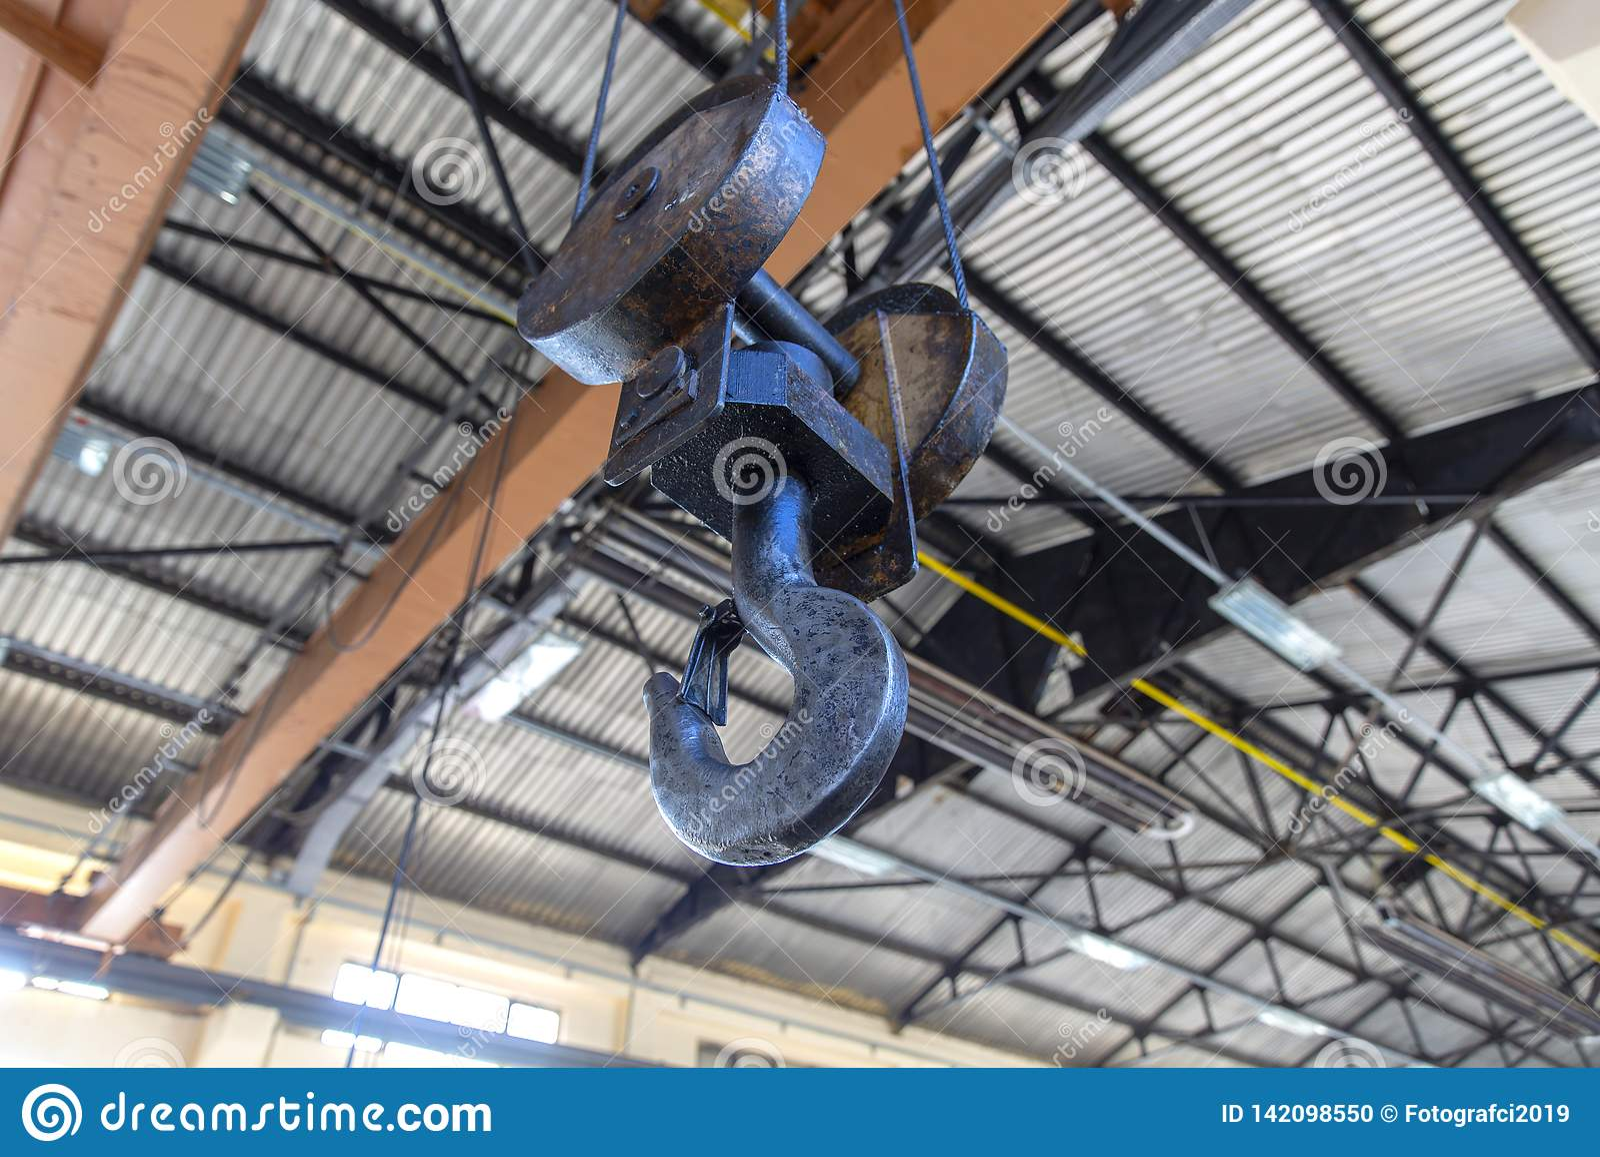 Industriell metall Crane Winch Hook Equipment